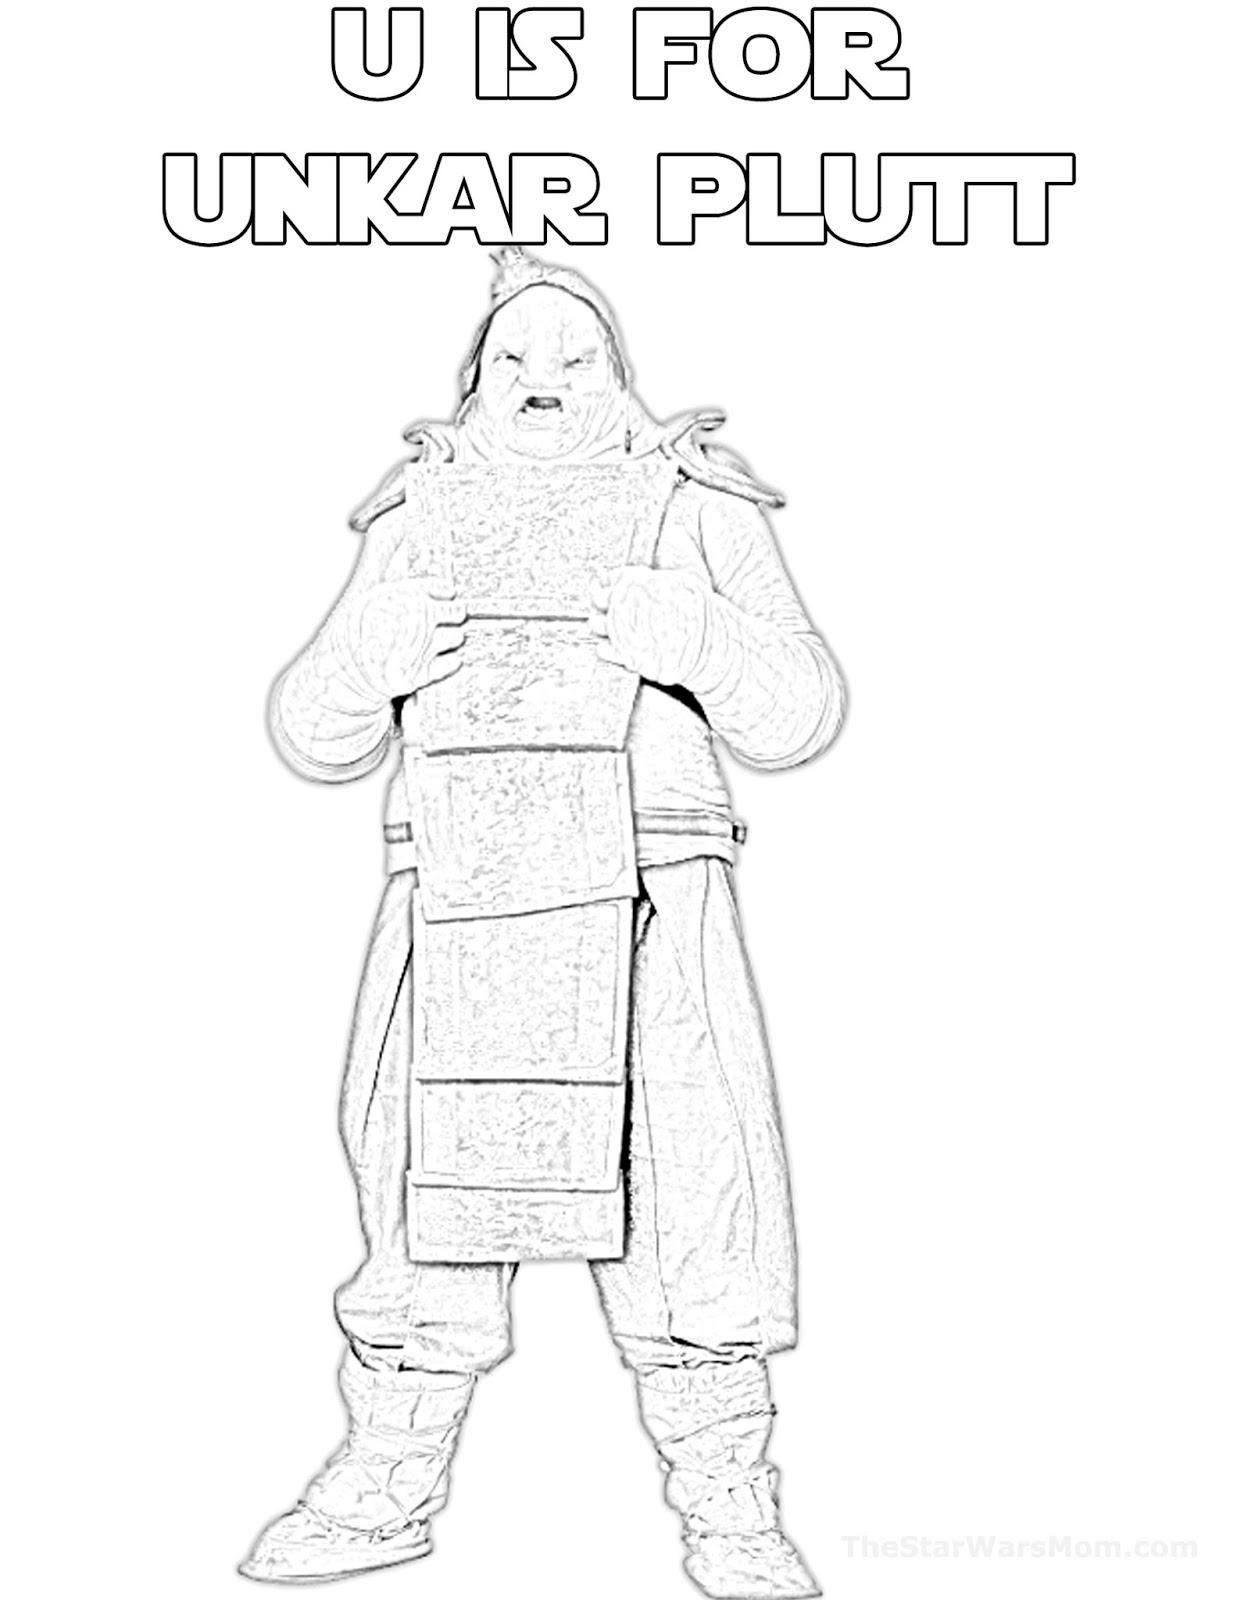 U Is For Unkar Plutt